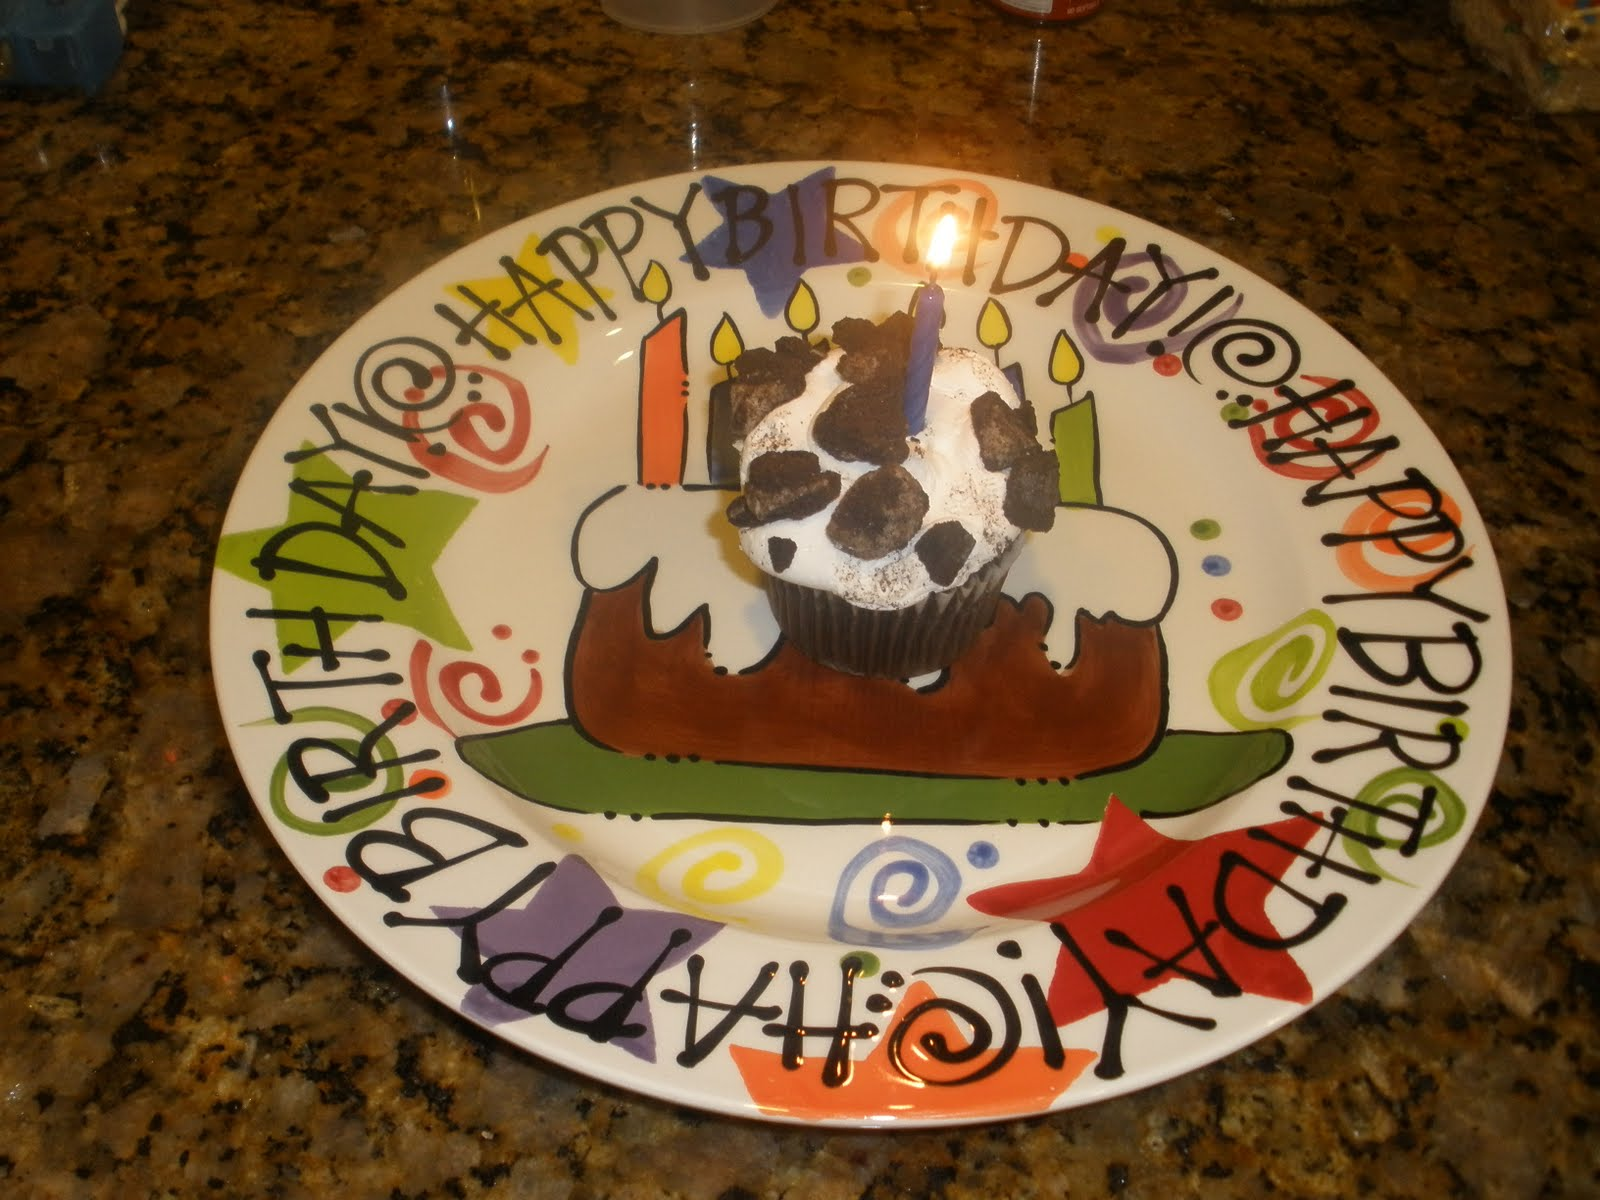 The Hagerman Ohana Happy 20th Birthday Josh